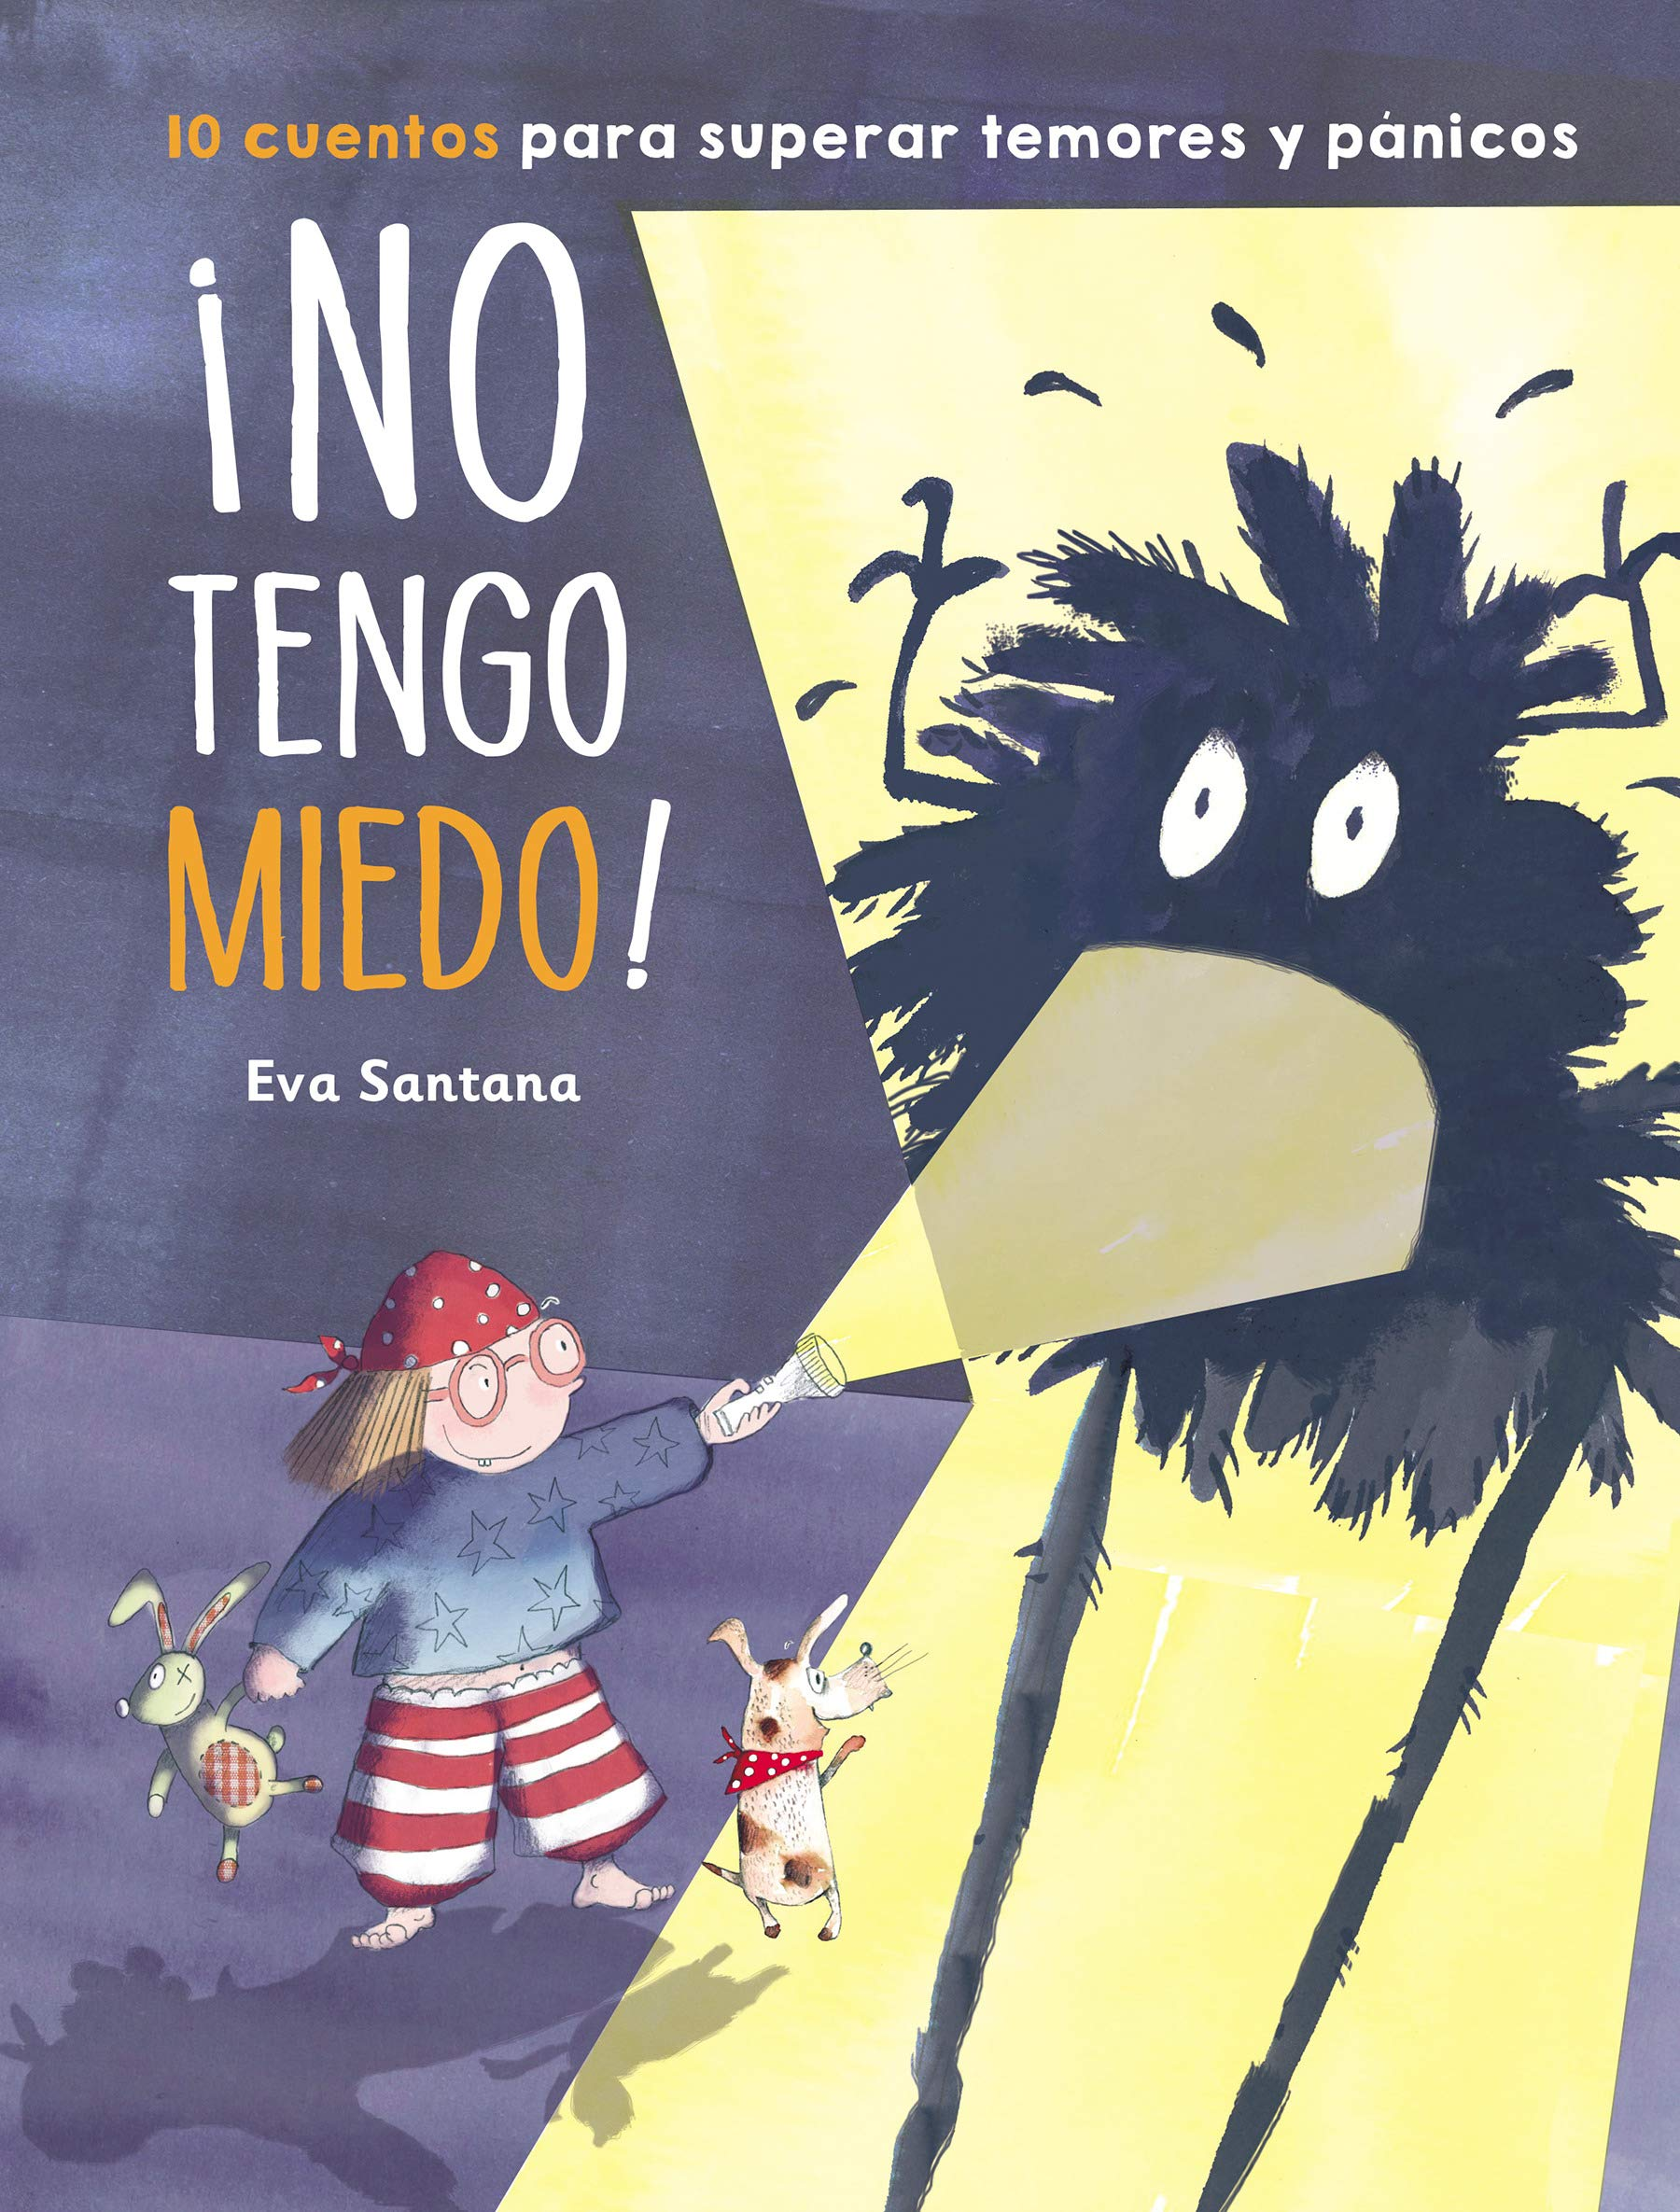 No tengo miedo!: 10 cuentos para superar temores y pánicos Emociones, valores y hábitos: Amazon.es: Santana, Eva: Libros